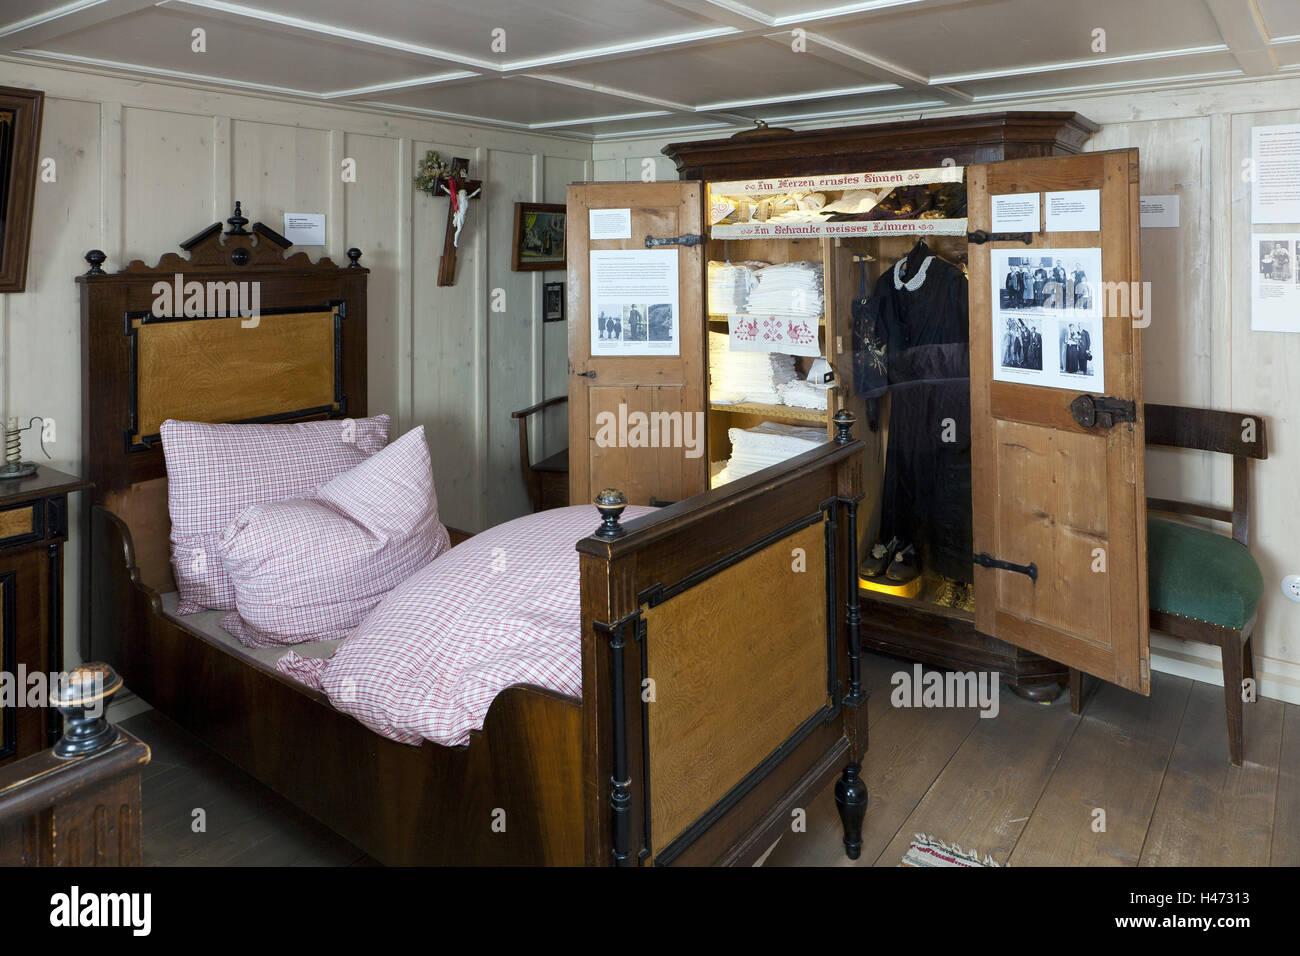 mountain pawn stockfotos mountain pawn bilder alamy. Black Bedroom Furniture Sets. Home Design Ideas